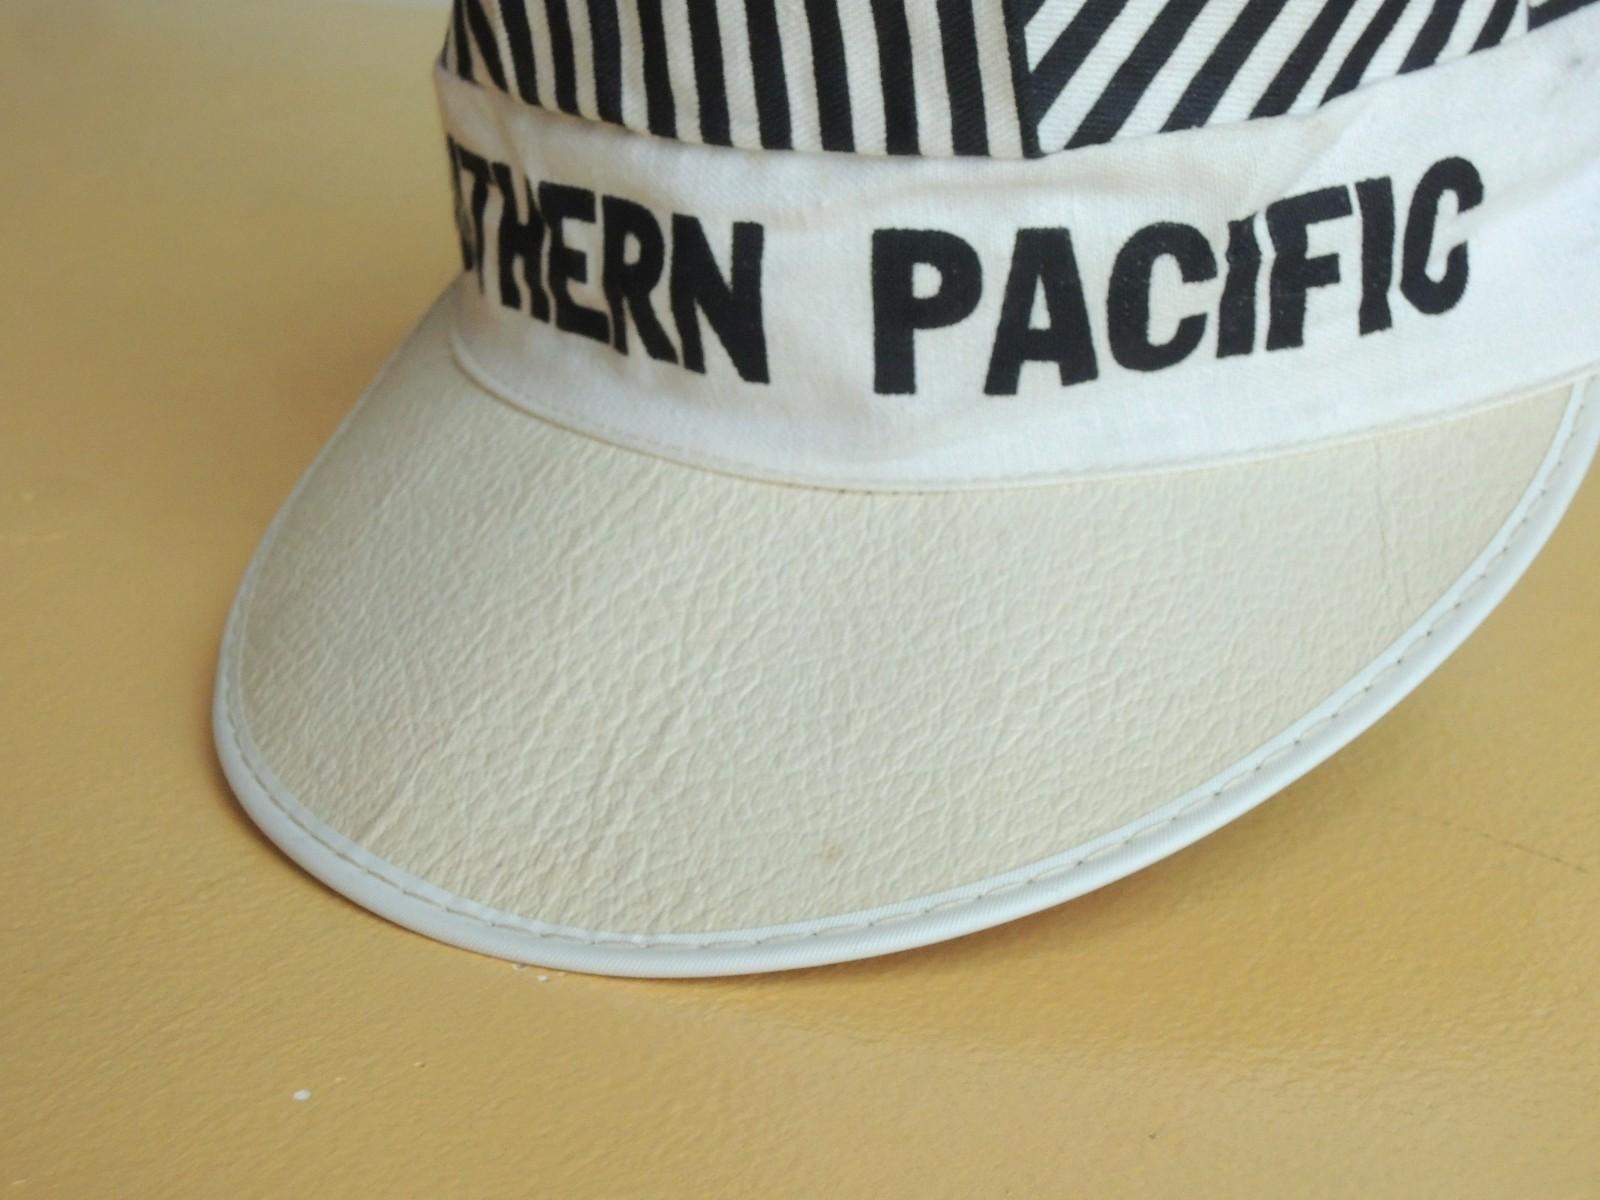 southernpacificrailroadcap06.JPG